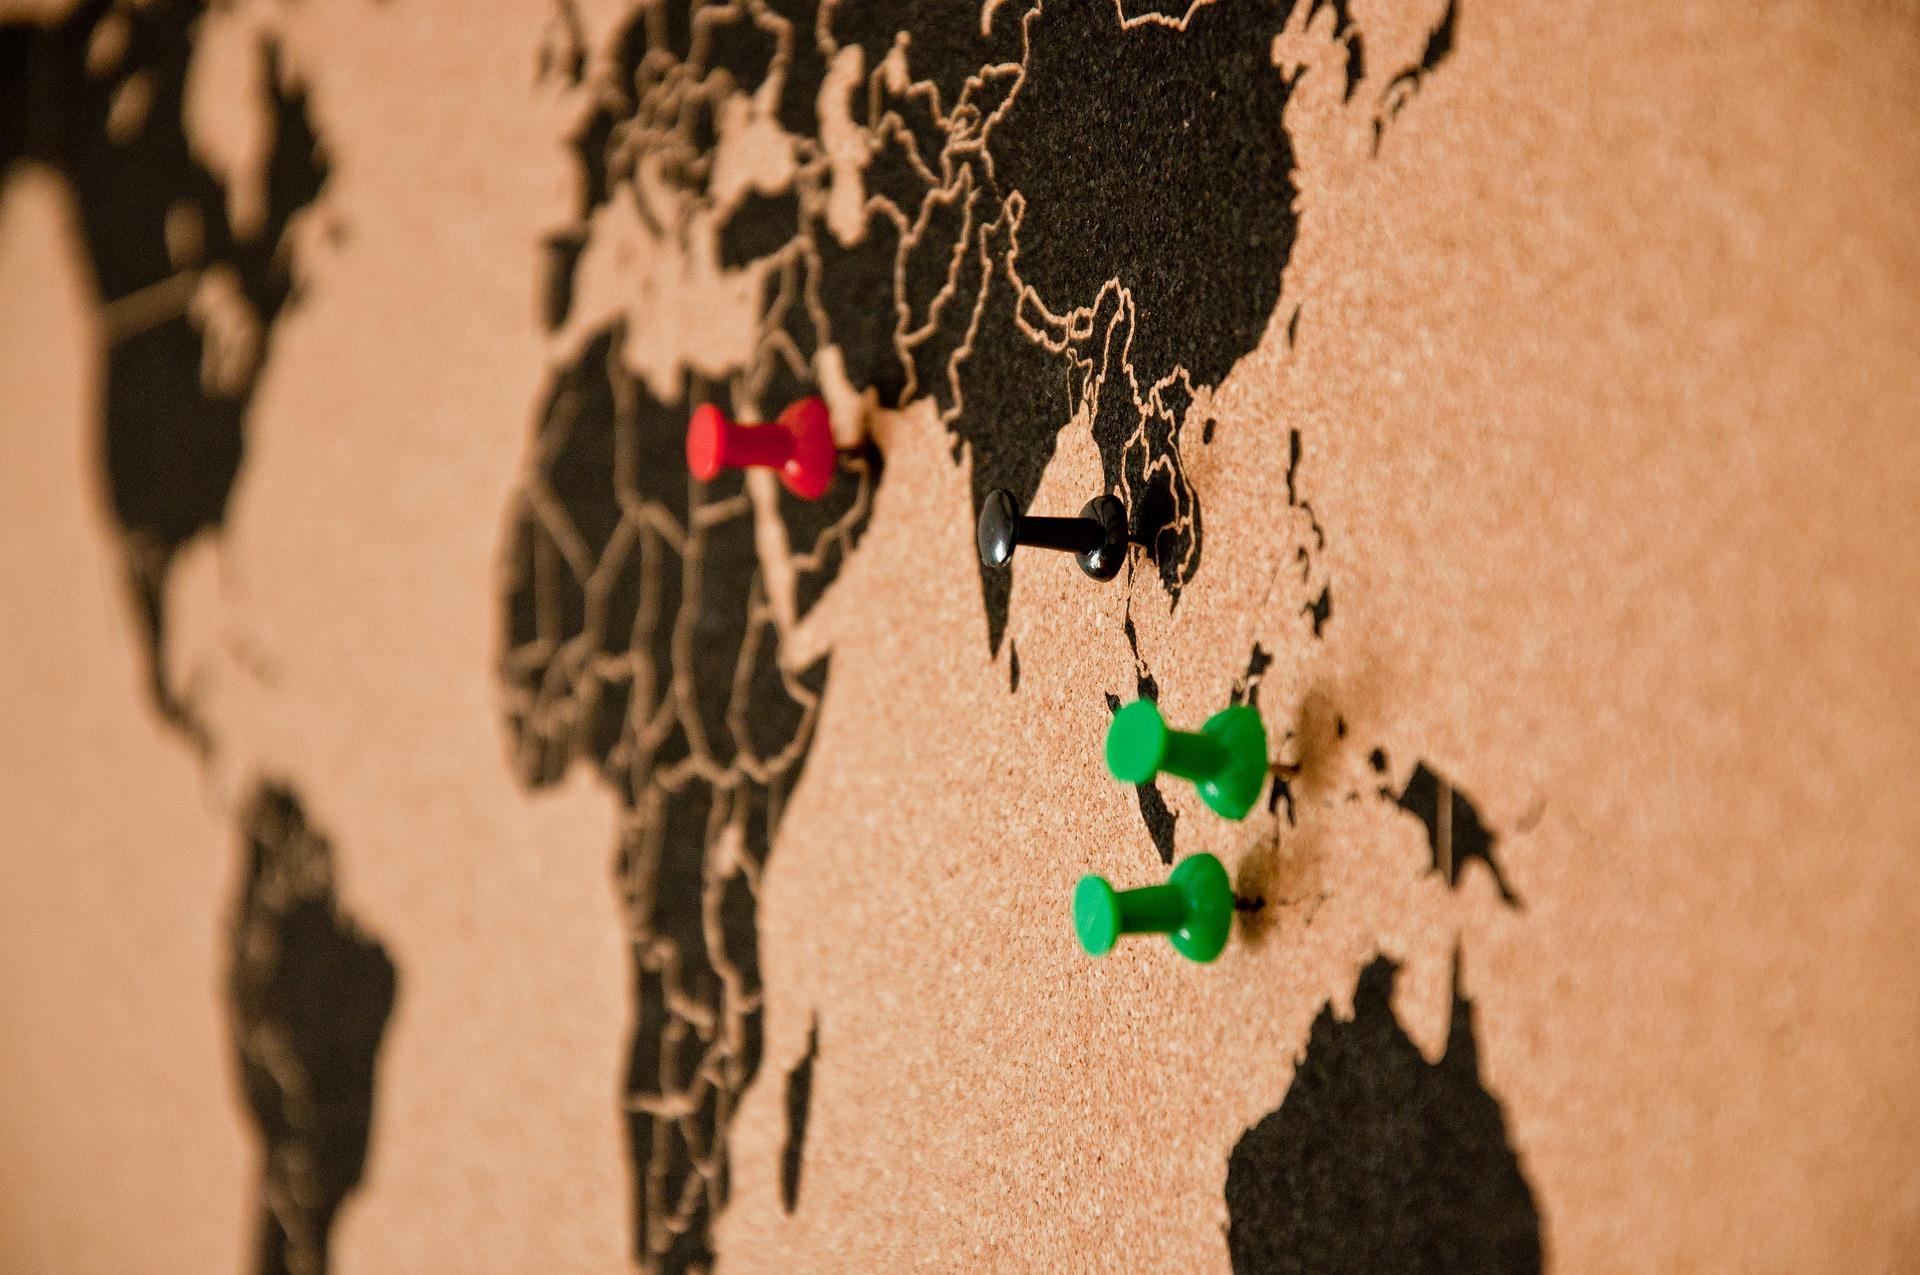 Eine Pinnwand, auf der Man vor allem Asien, Afrika und Neuseeland sieht, schlichte schwarze Umrisse auf hellbraunem Kork. Vier Pins stecken in unterschiedlichen Ländern.